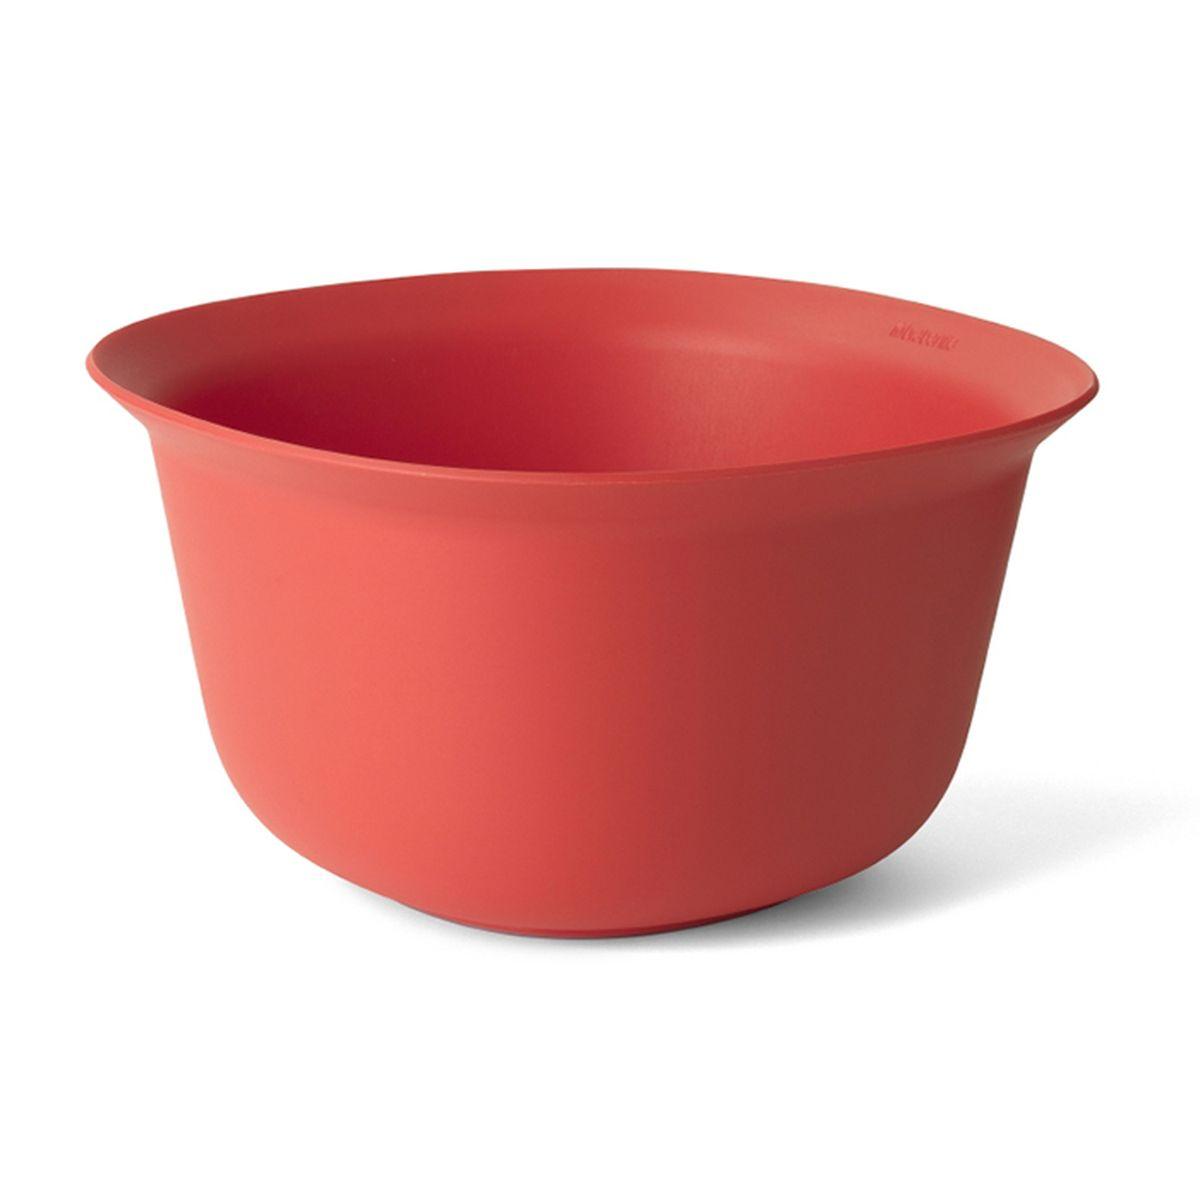 Салатник Brabantia Tasty Colours, цвет: красный, 3,2 л115610Вместительный салатник Brabantia Tasty Coloursизготовлен из высококачественных материалов. Может использоваться для смешивания ингредиентов, замешивания теста. Специальная форма краев позволяет удобно и аккуратно разливать жидкие ингредиенты. Нескользящее основание обеспечивает отличную устойчивость. Салатник Brabantia Tasty Colours станет полезным и практичным дополнением к коллекции ваших кухонных аксессуаров.